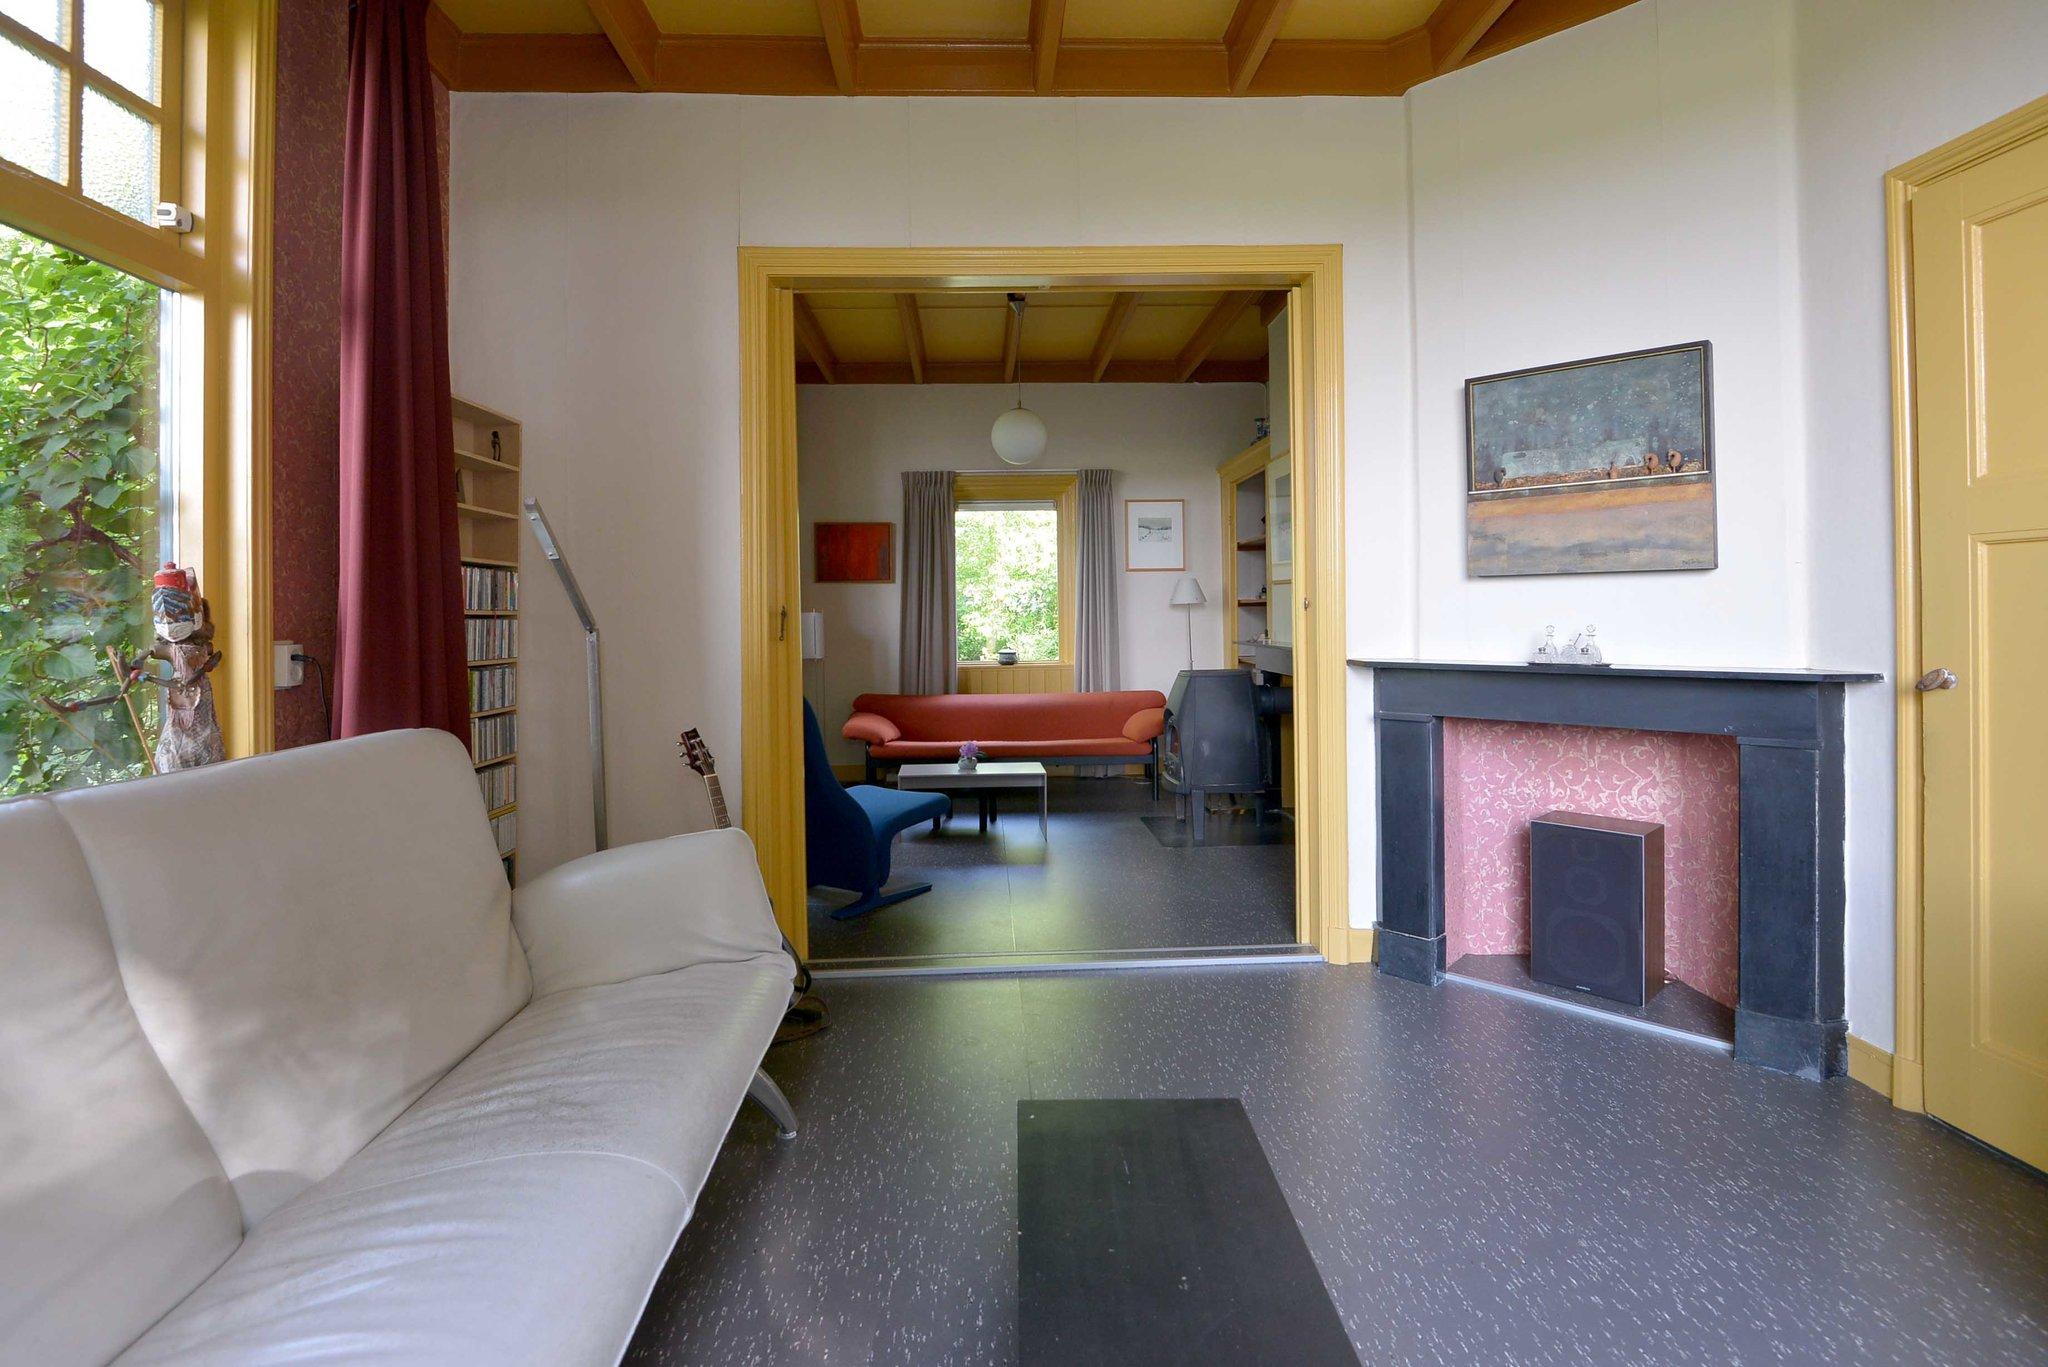 olst-boxbergerweg-4003964-foto-11.jpg